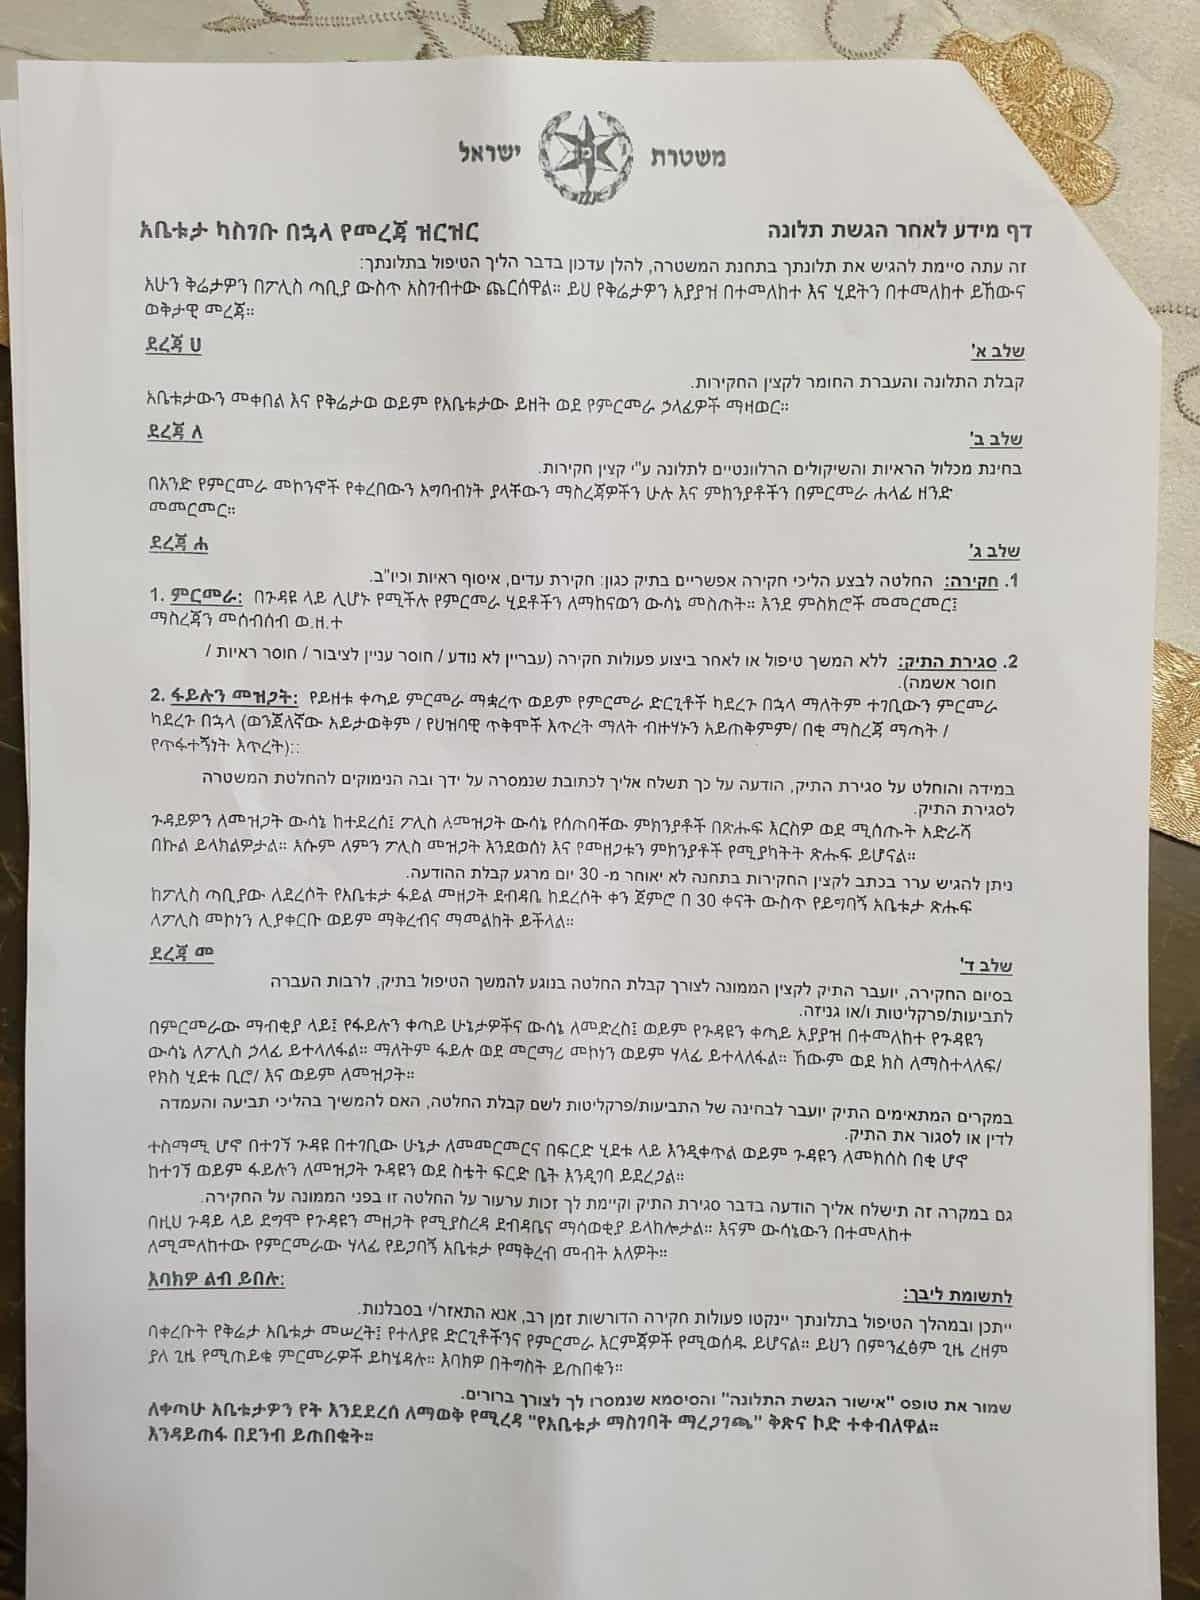 פלסטינים שמגישים תלונה במשטרת ישראל בשטחים מקבלים טופסי הסבר בעברית ואמהרית